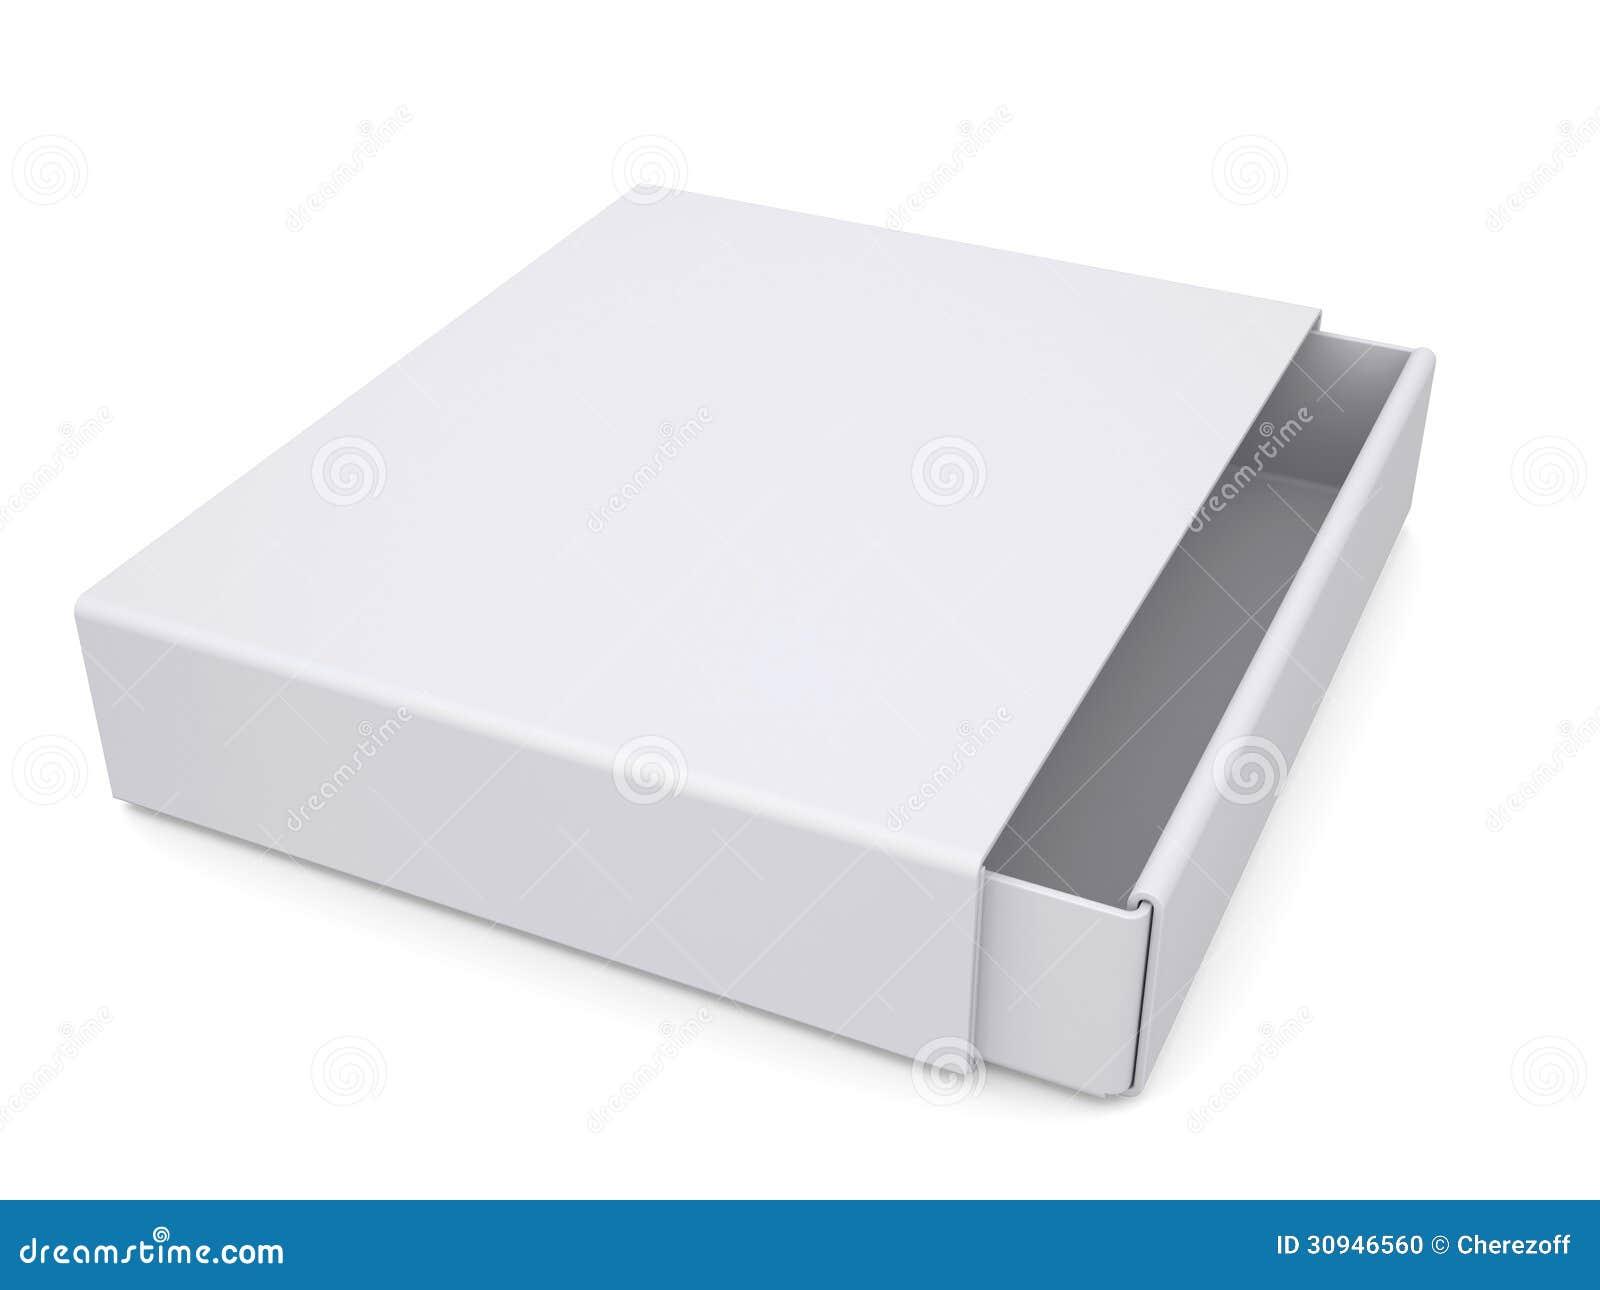 Open White Box Stock Photo - Image: 30946560